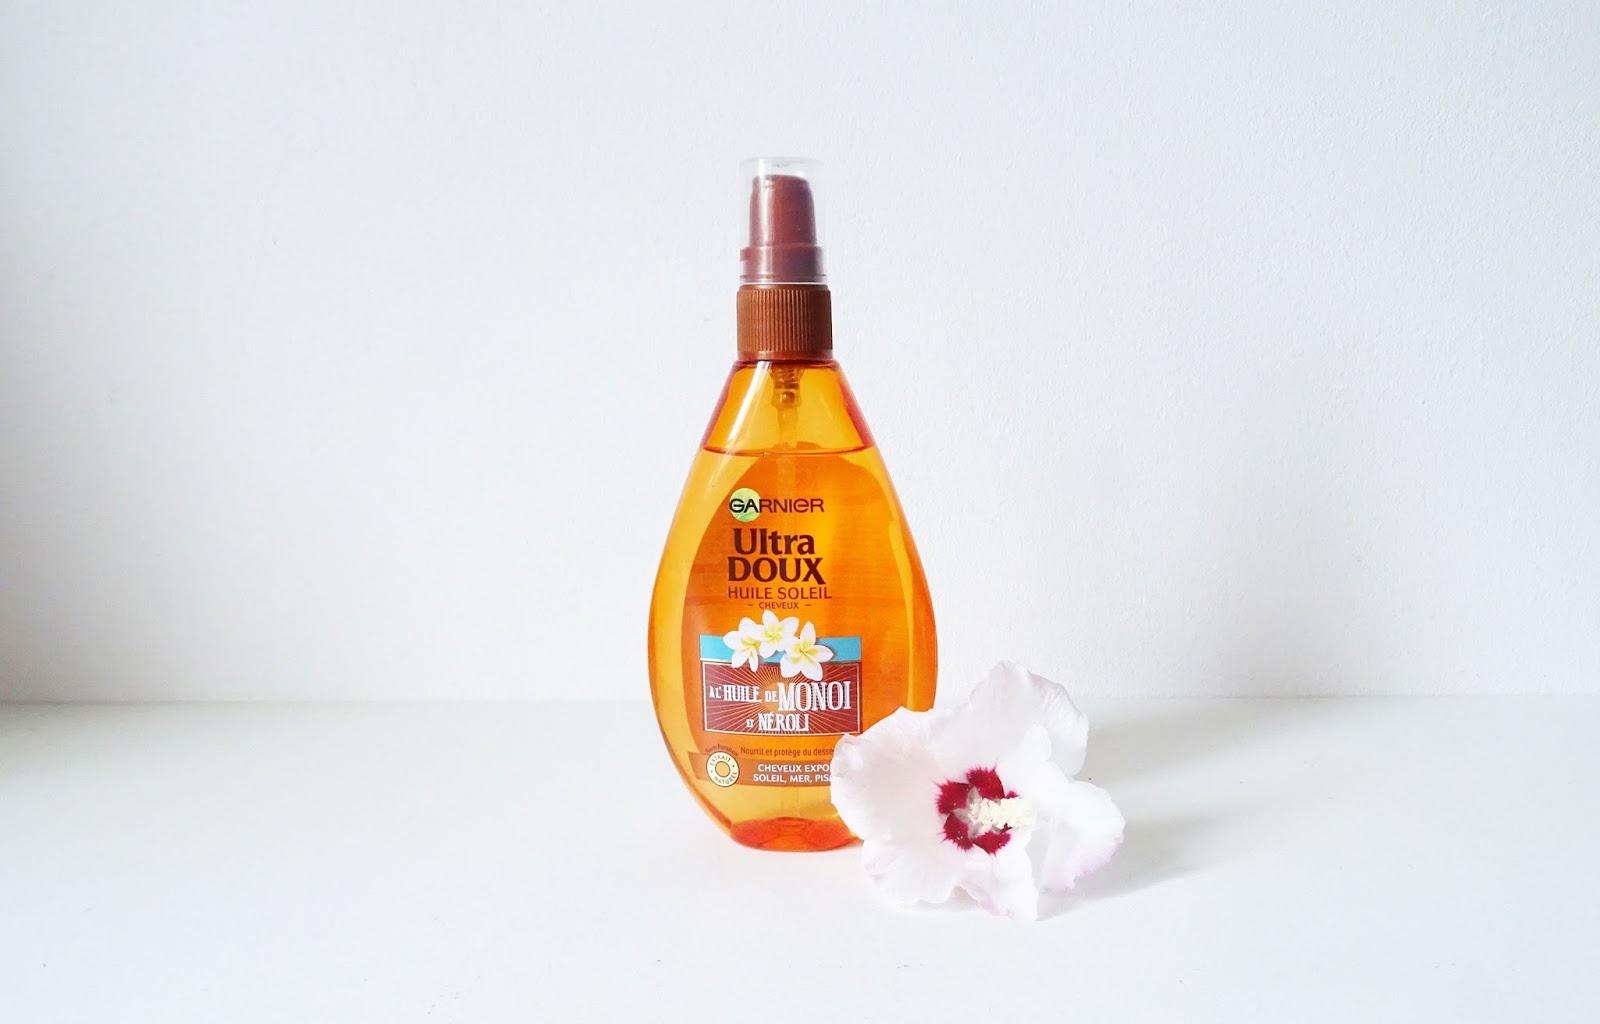 Huile soleil Garnier à l'huile de Monoï et Néroli